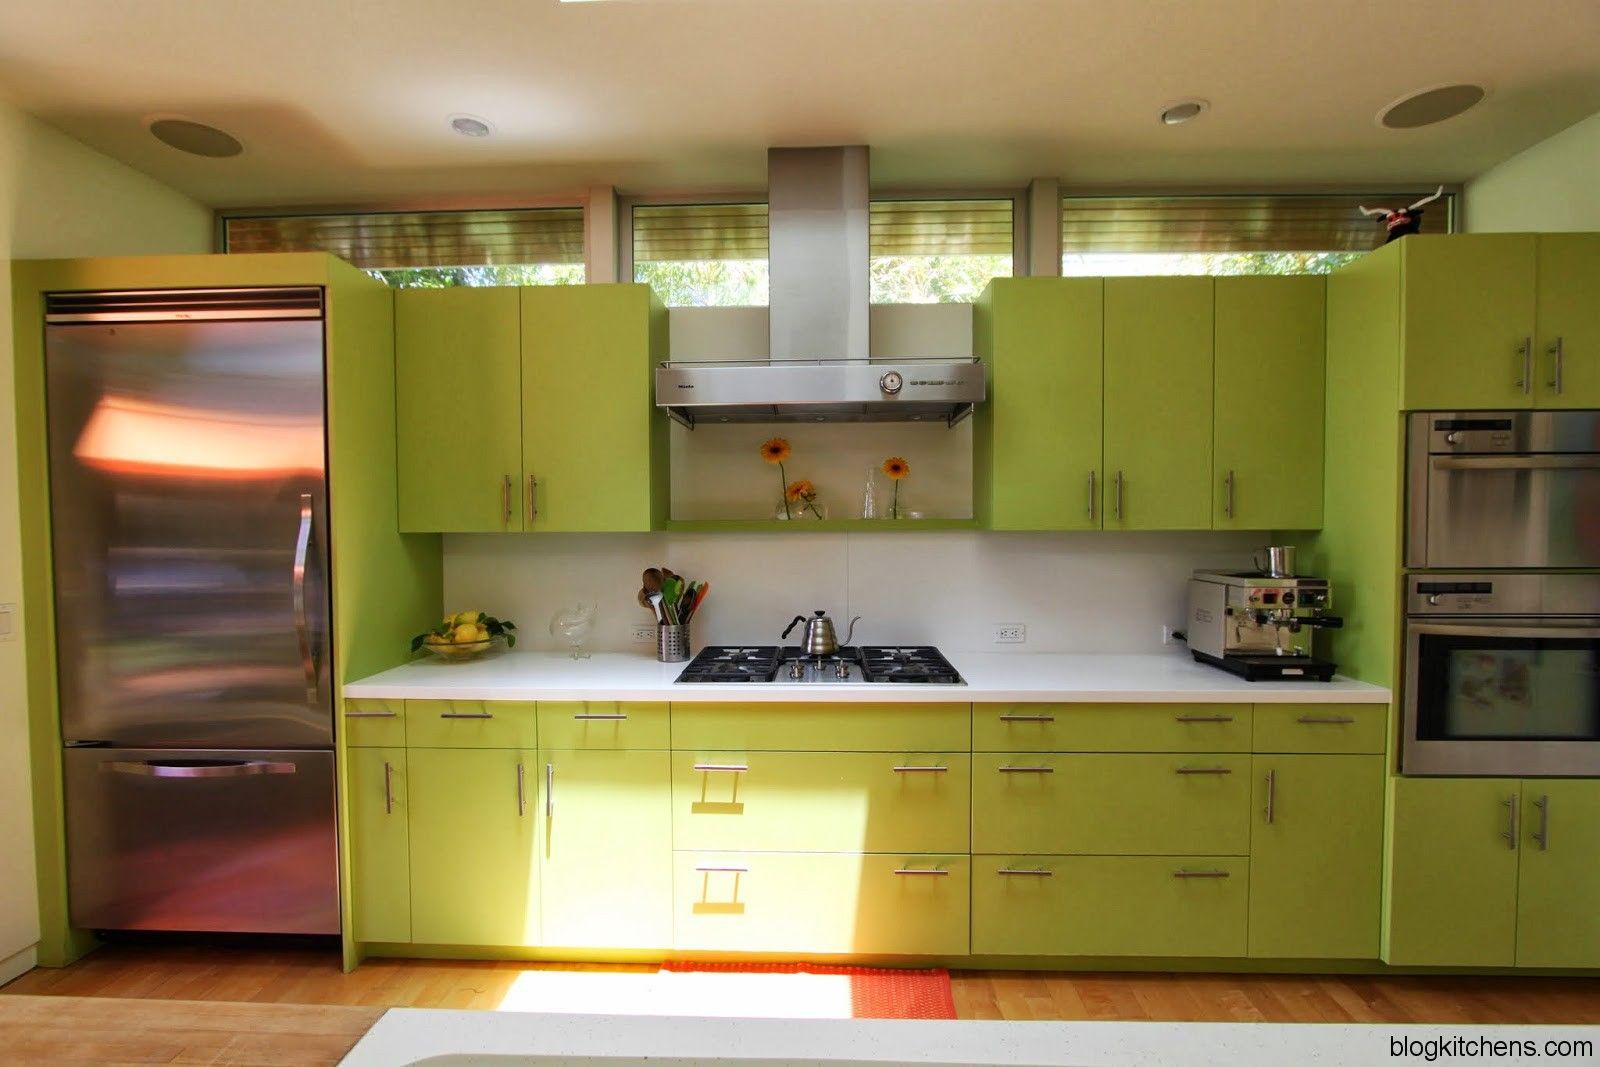 Green Kitchen Cabinets Modern Kitchen Design  Kitchen Design Best Modern Kitchen Cabinets Design Ideas Decorating Inspiration